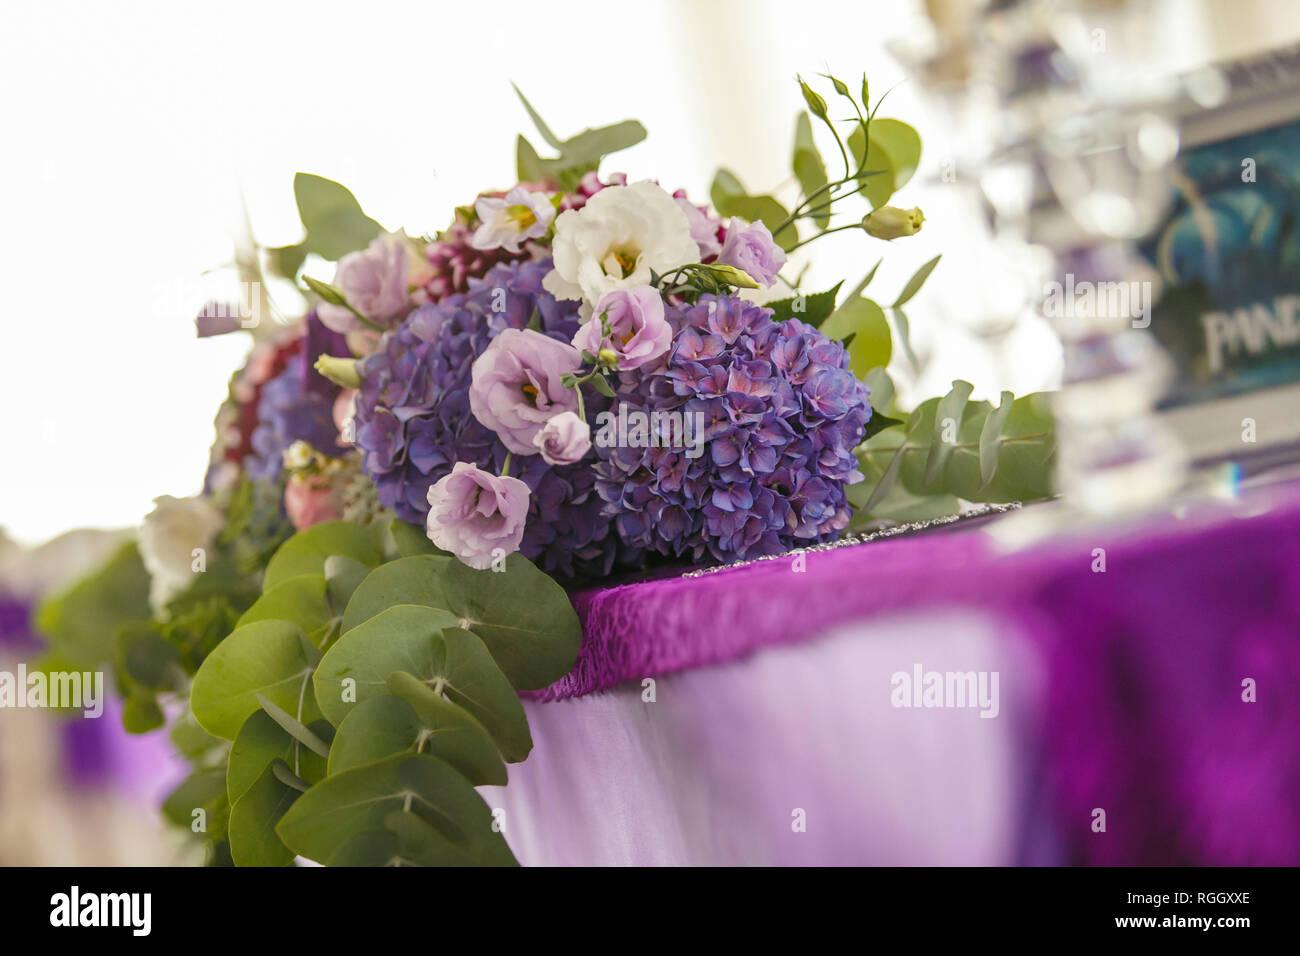 Feuille D Eucalyptus Bouquet bouquet floral ensemble de jardin de poudre blanche, rose